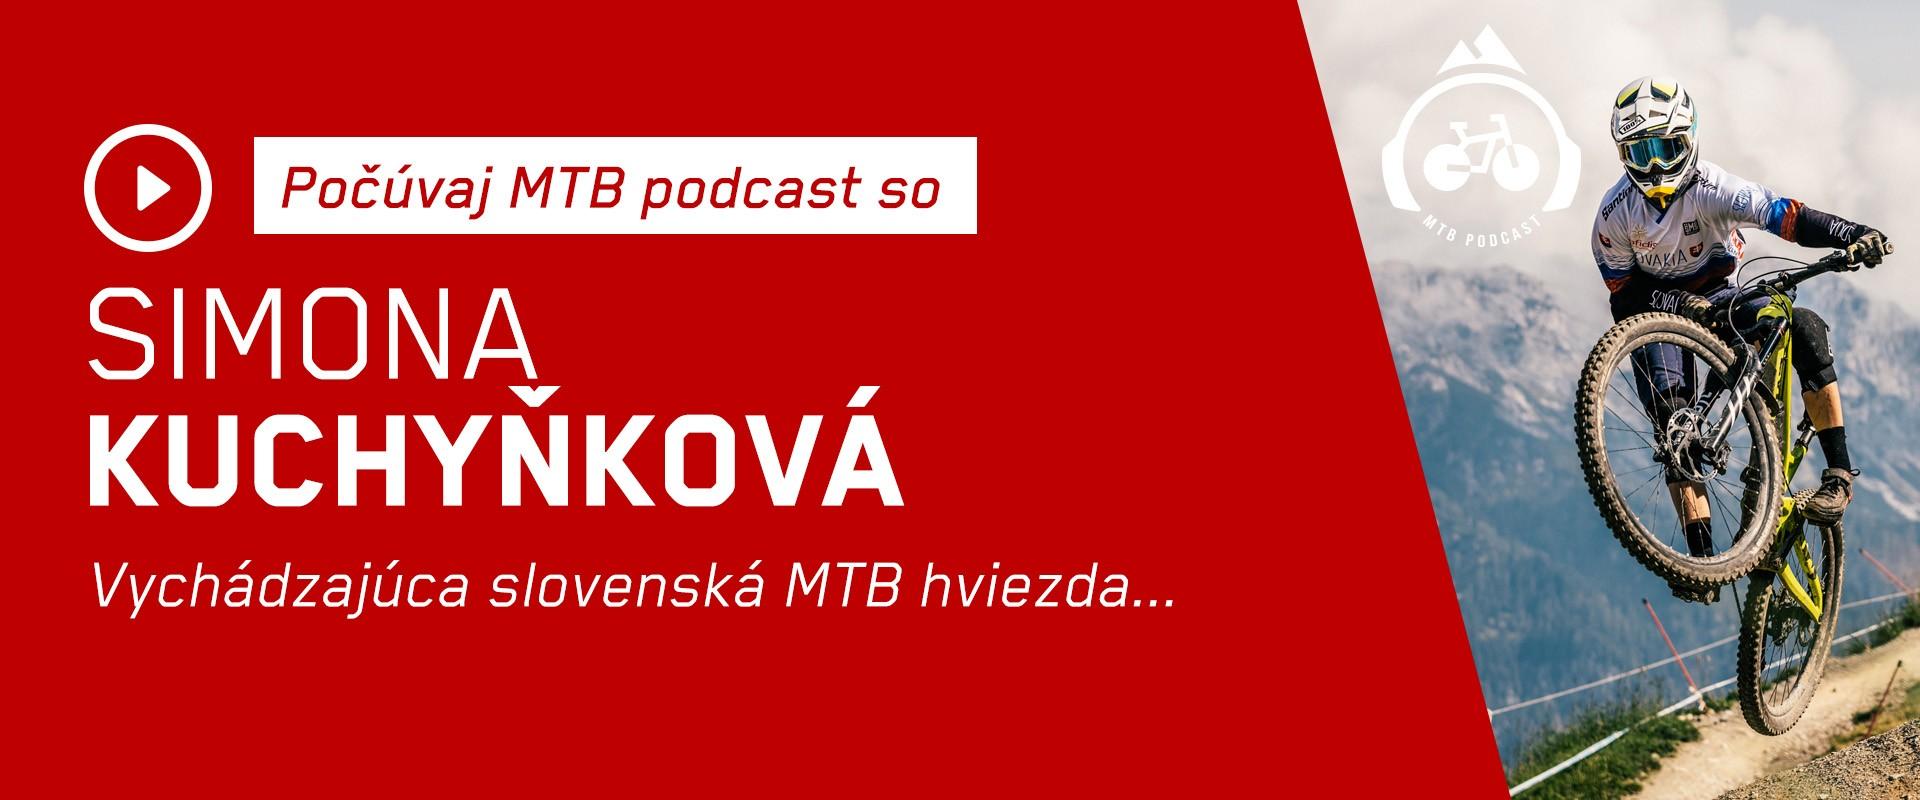 MTB PODCAST #5 SO SIMONOU KUCHYŇKOVOU - vychádzajúca slovenská MTB hviezda